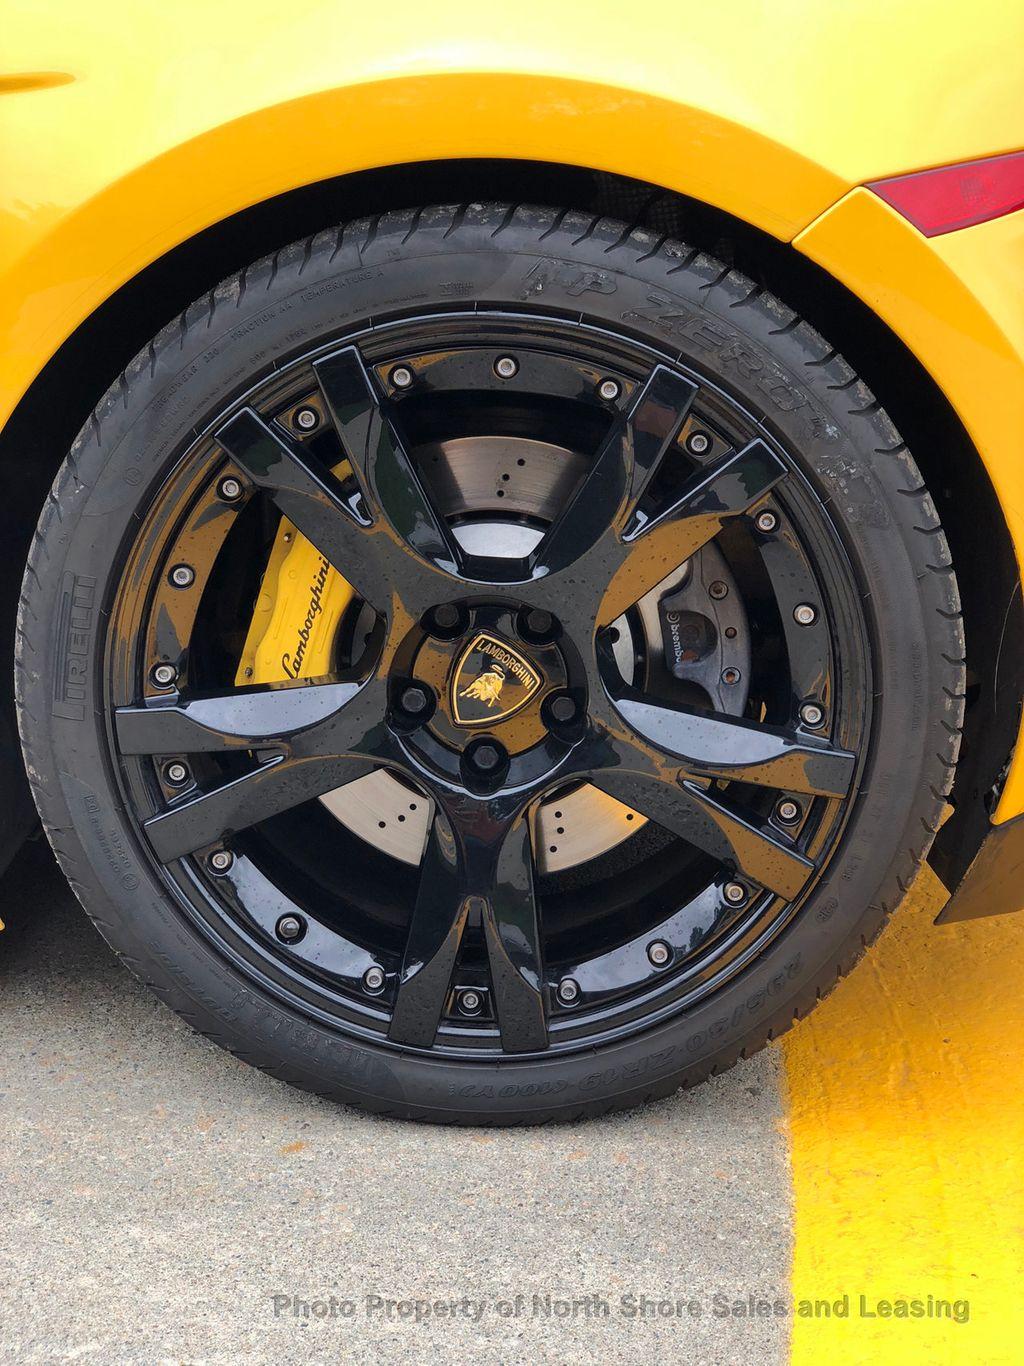 2006 Lamborghini Gallardo Spyder 520HP - 18187177 - 12